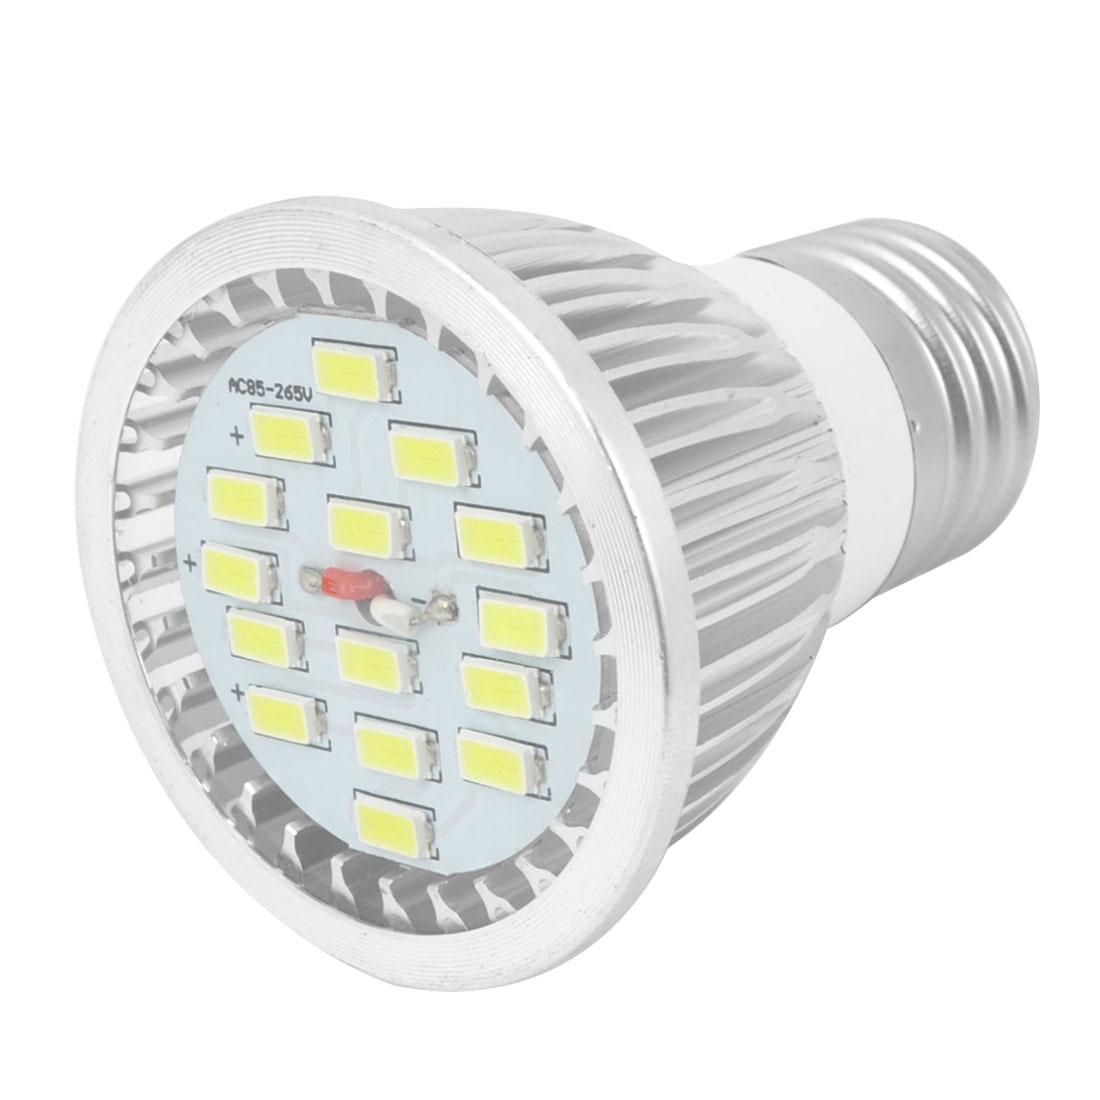 White 7W E27 Socket 5730 SMD 15-LED COB Spotlight Bulb Lamp AC85-265V